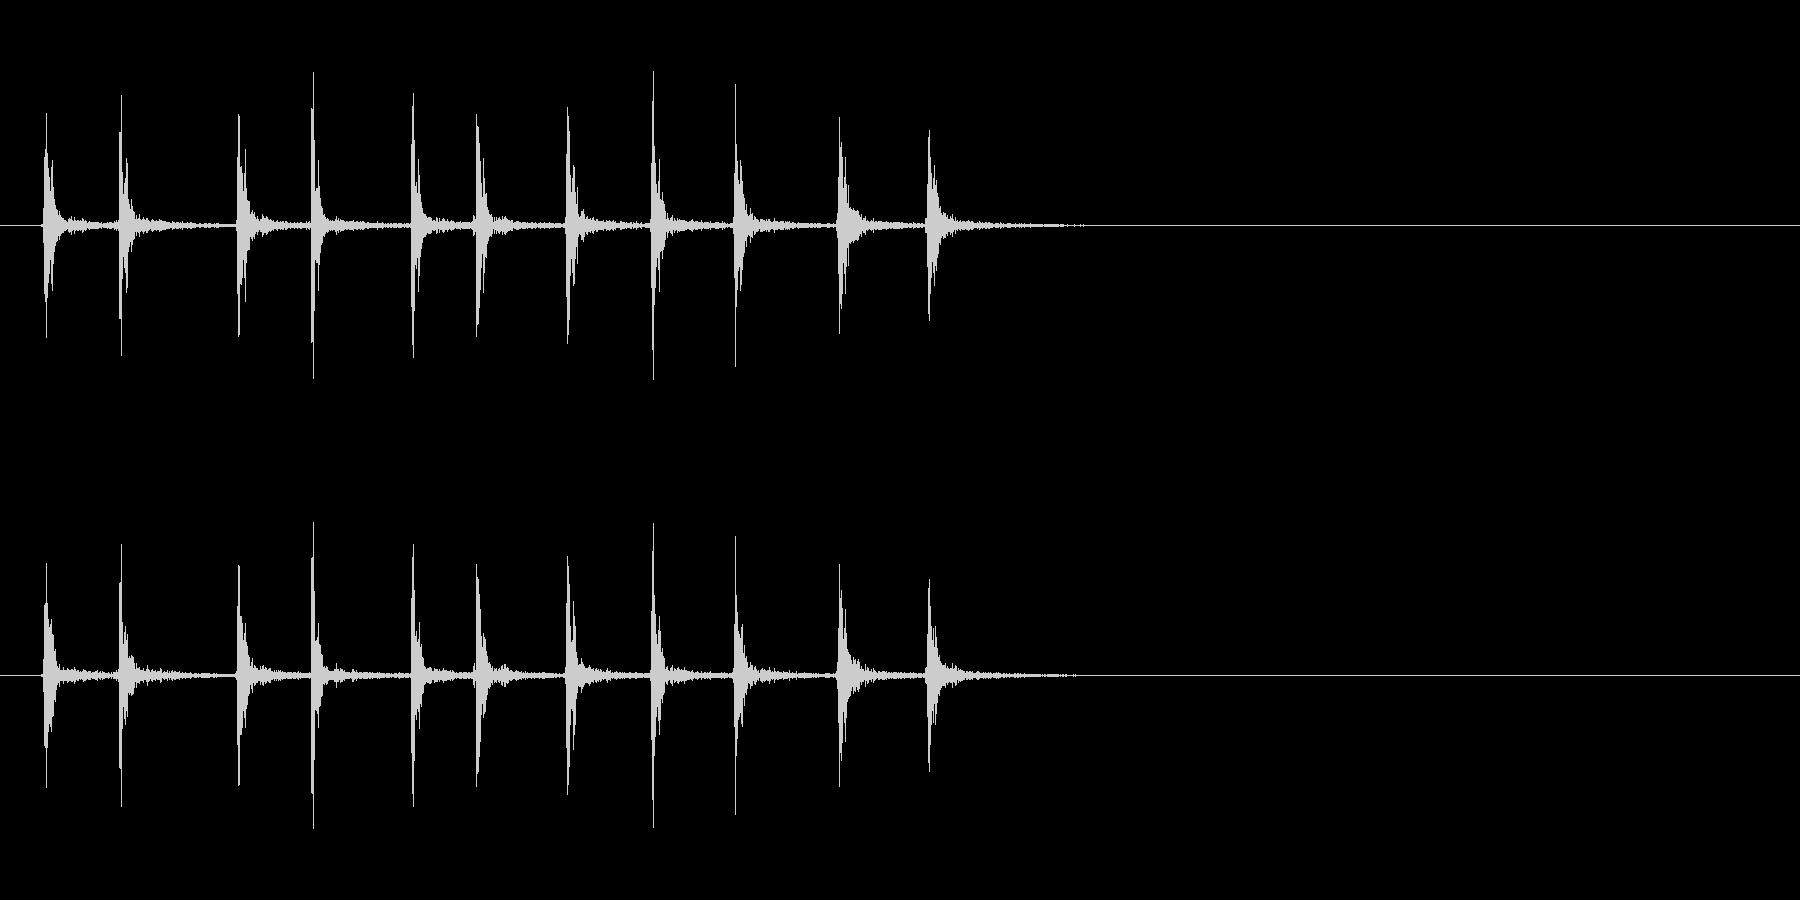 [生録音]カッターの刃を出す音02-遅めの未再生の波形